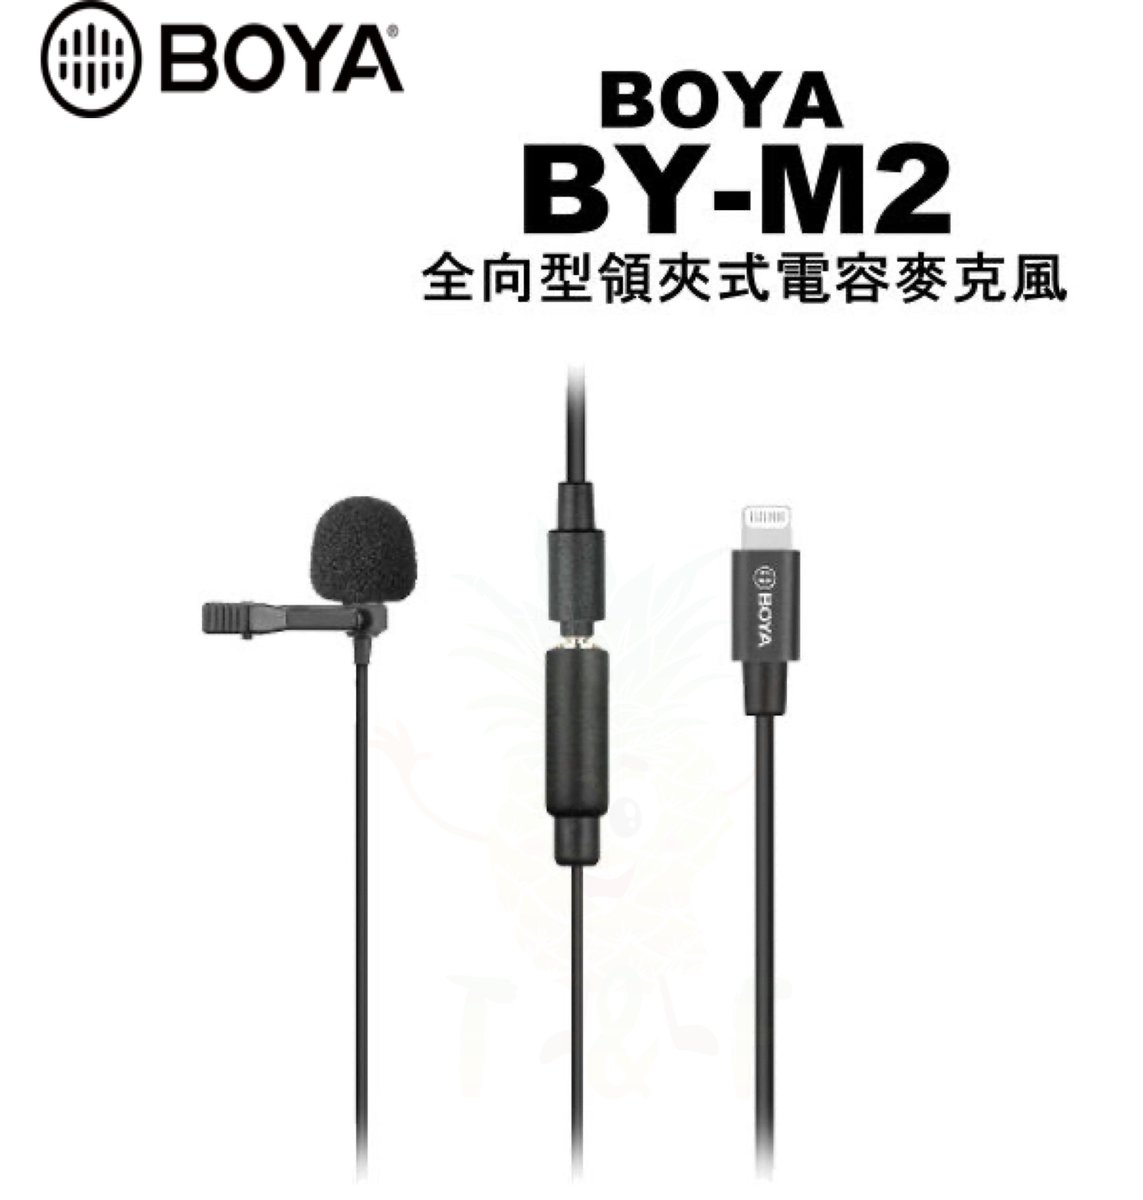 HK ZETA warranty HD Omni-directional Clip-on Microphone (Apple Lightning) BY-M2